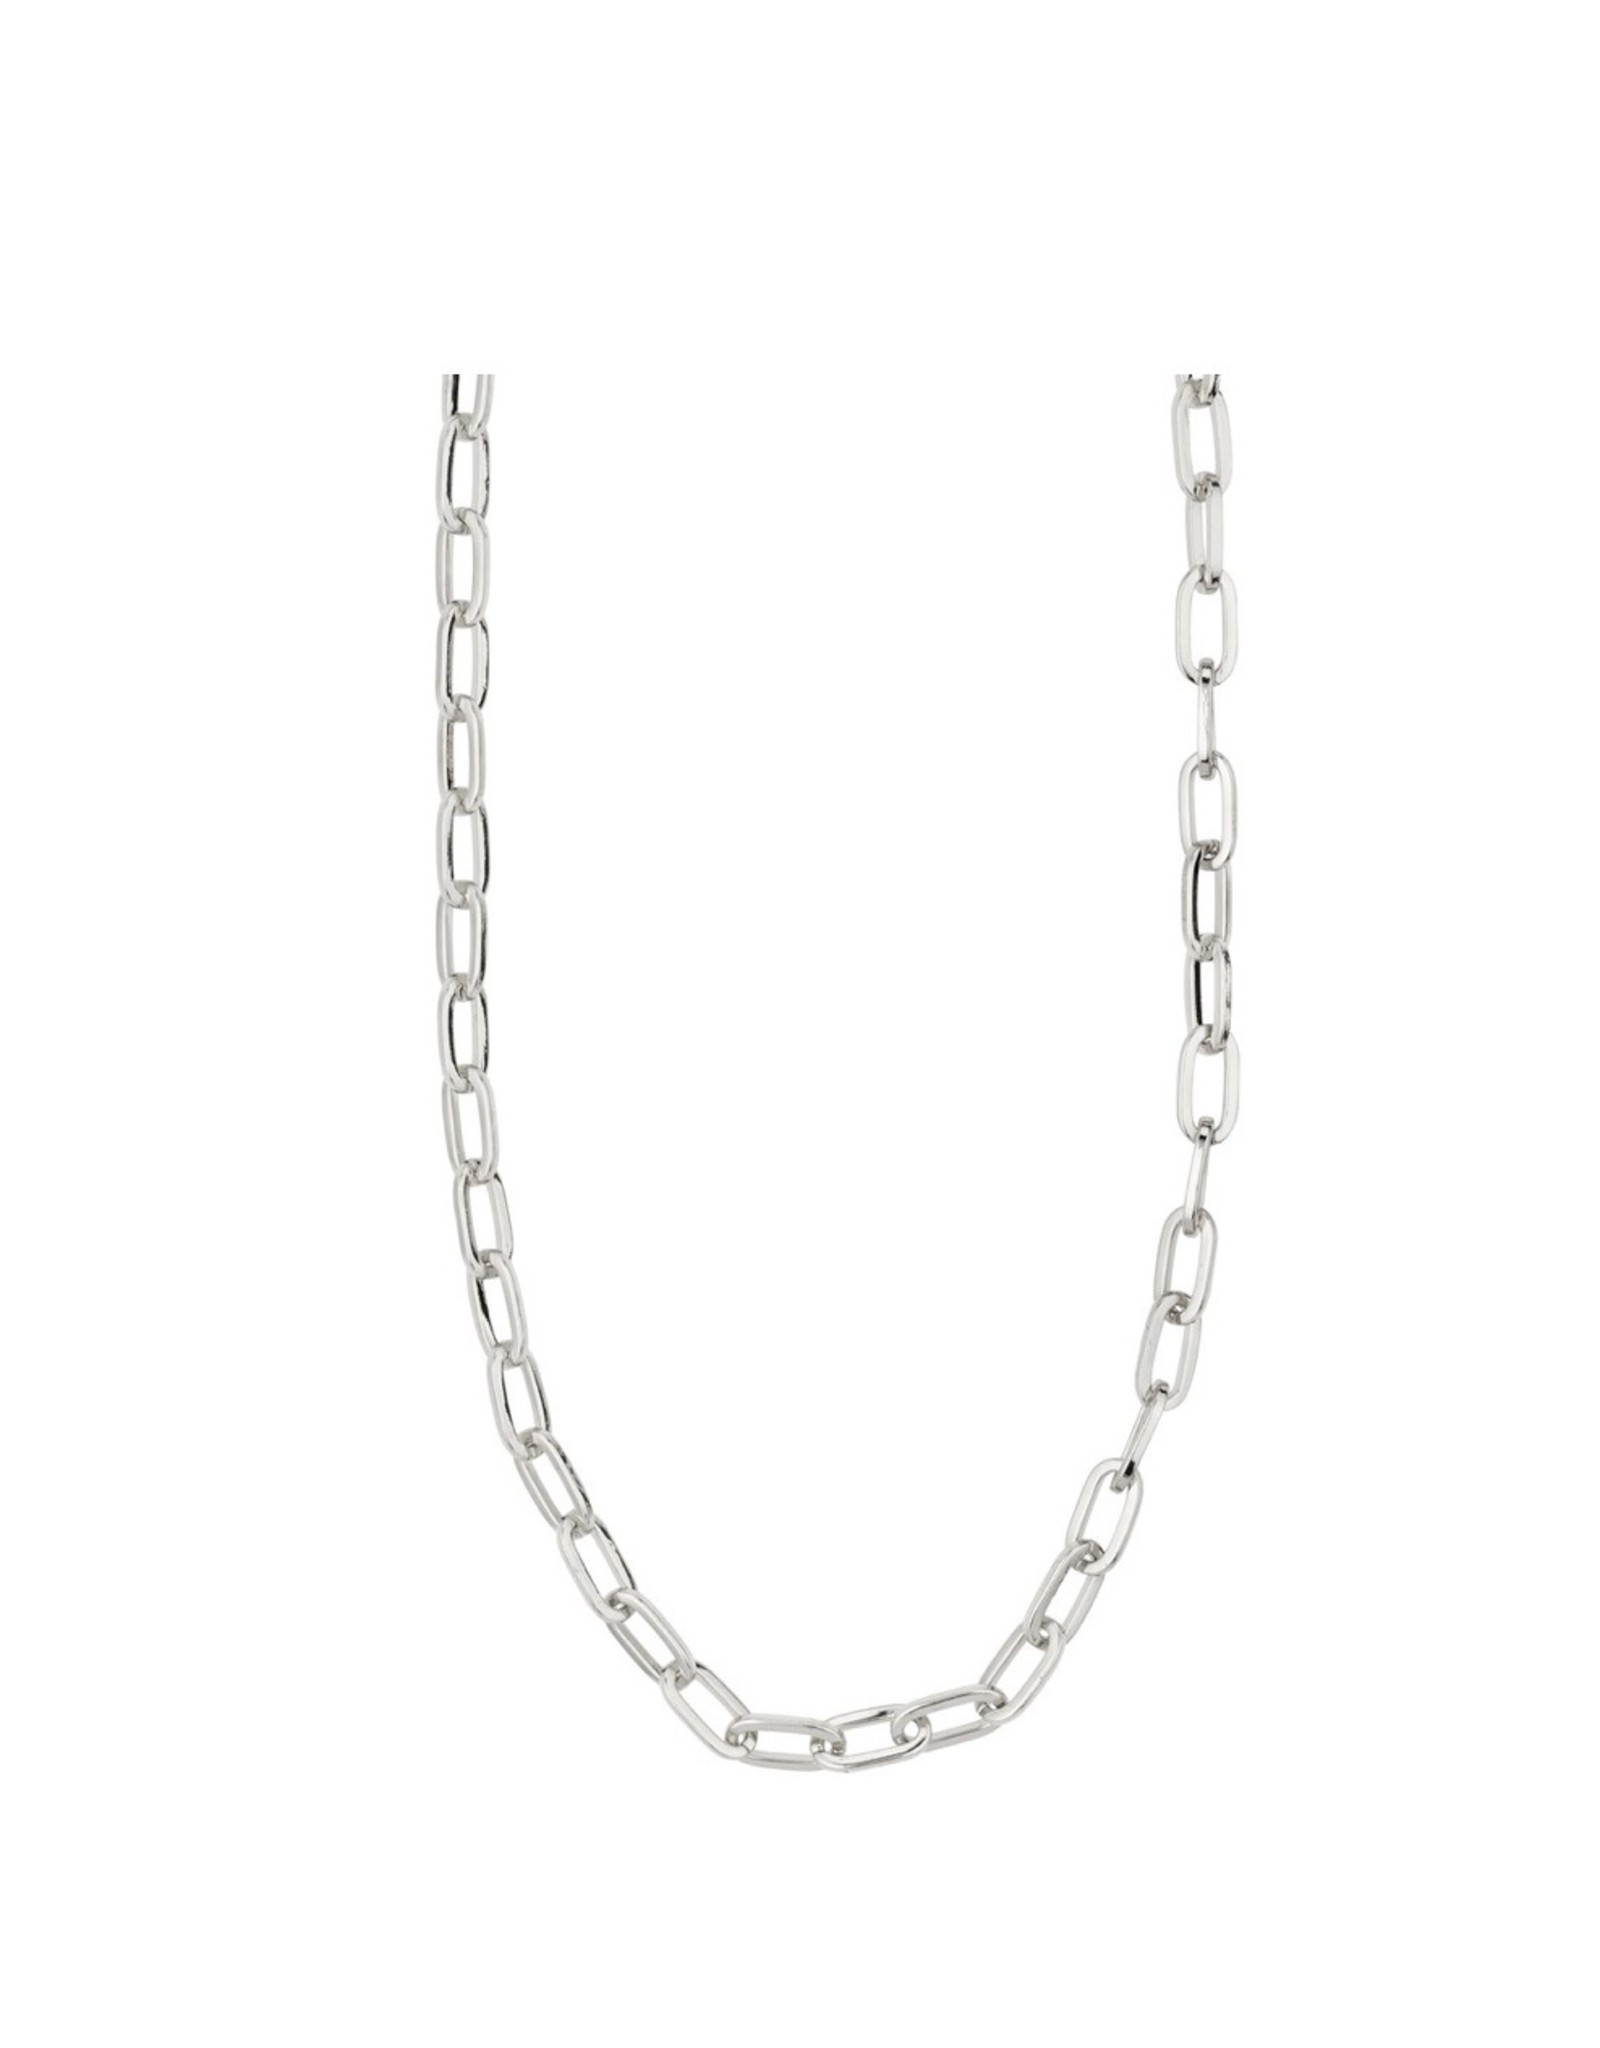 Pilgrim Pilgrim Necklace, BiBi, Silver Plated